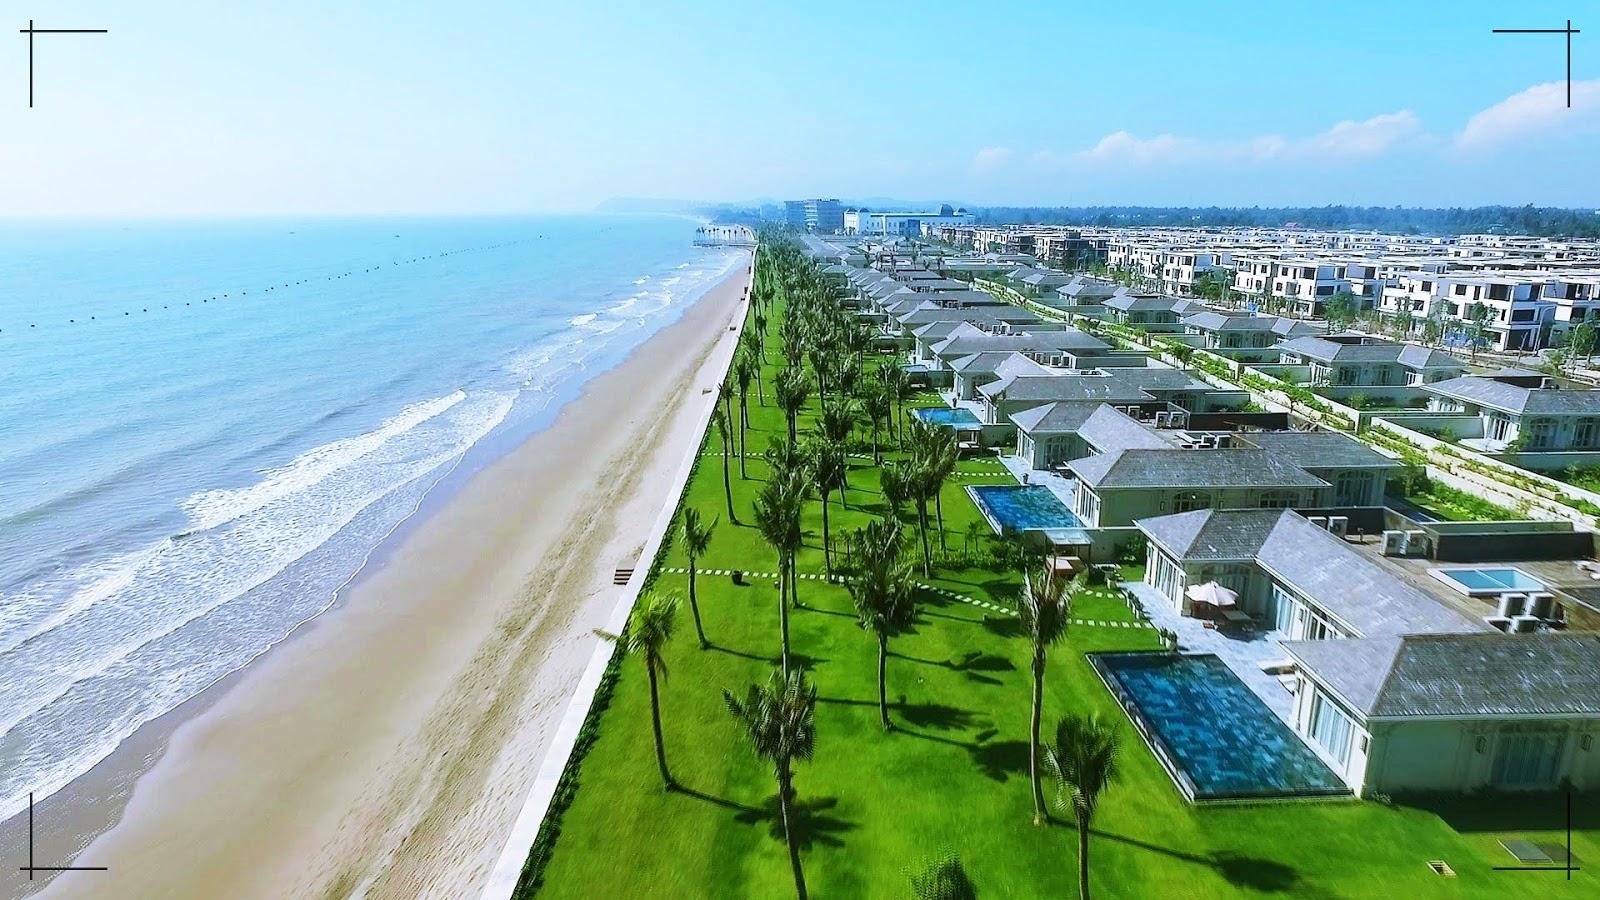 Biển Đà Nẵng đầy tiềm năng để phát triển du lịch nghỉ dưỡng